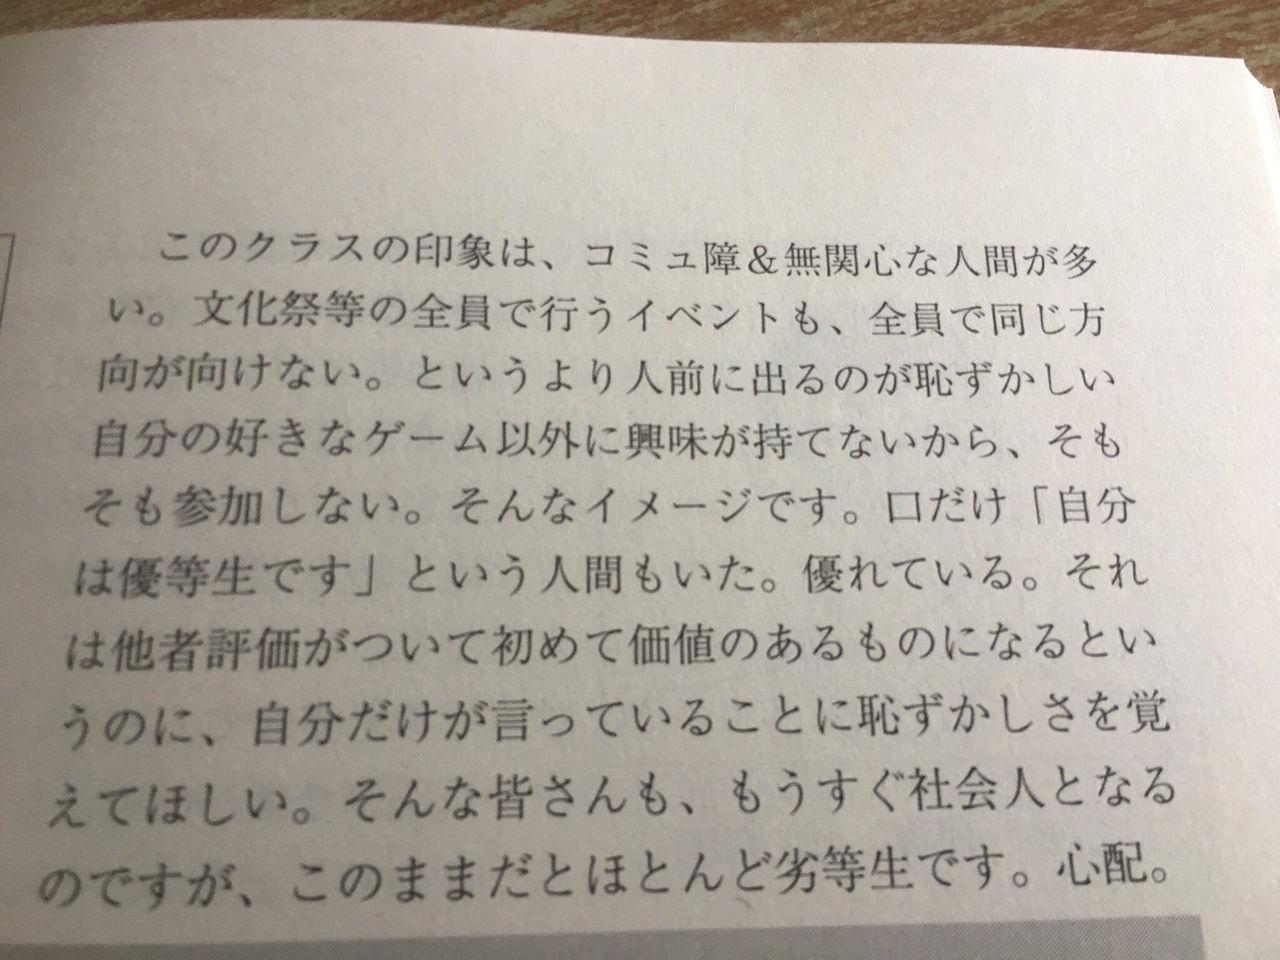 【悲報】高校の先生、終業式で生徒にとんでもないメッセージを送ってしまう